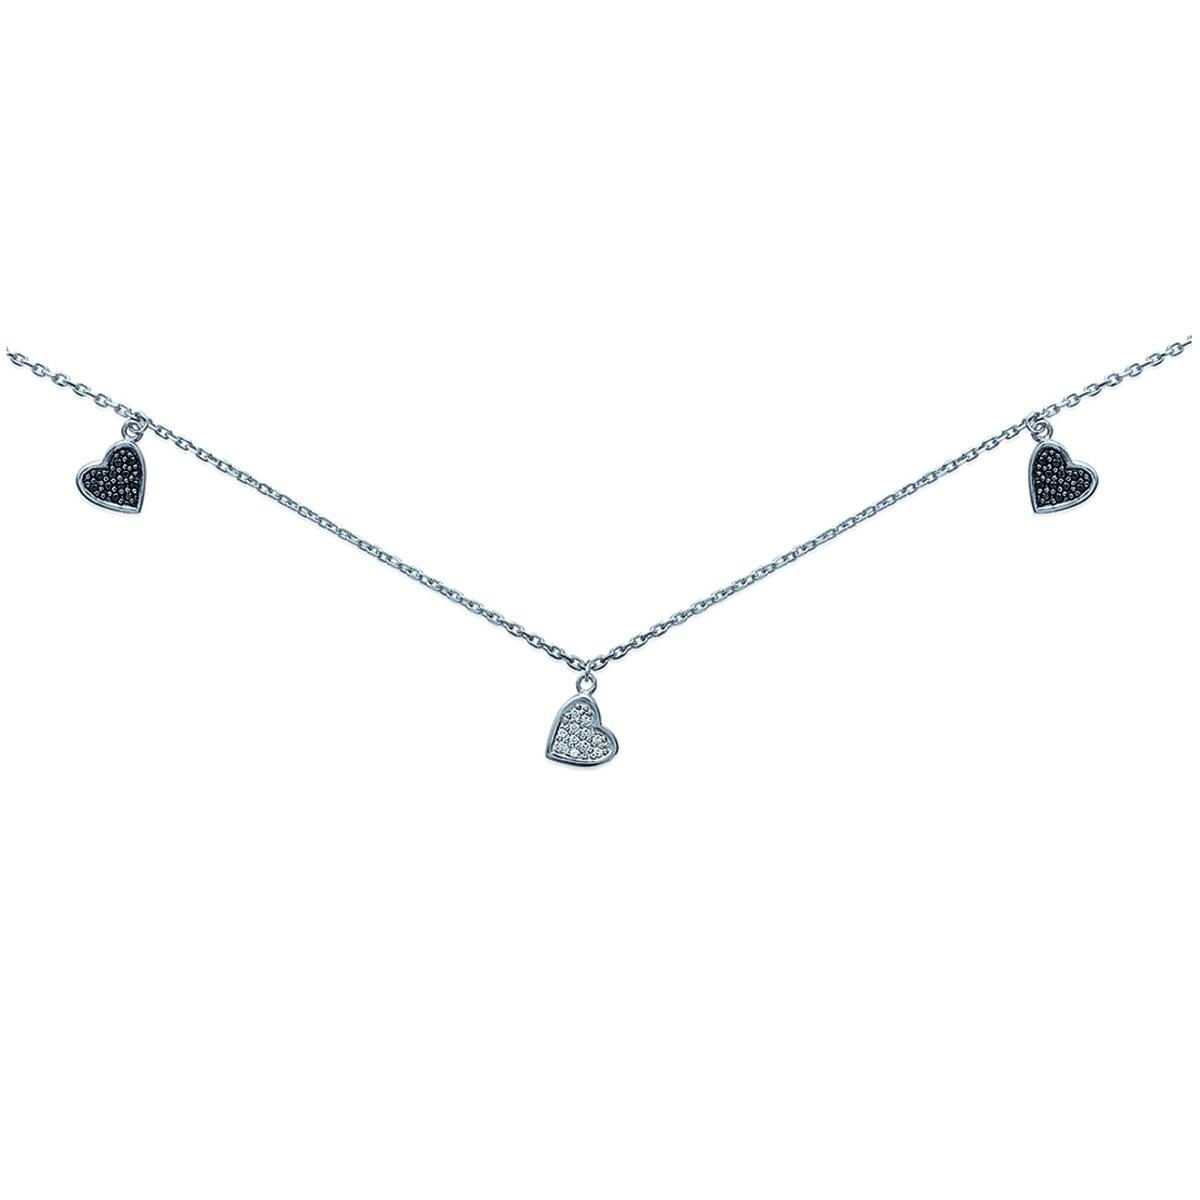 Collier Argent \'Love\' noir blanc argenté (rhodié) - 8 mm - [G7878]